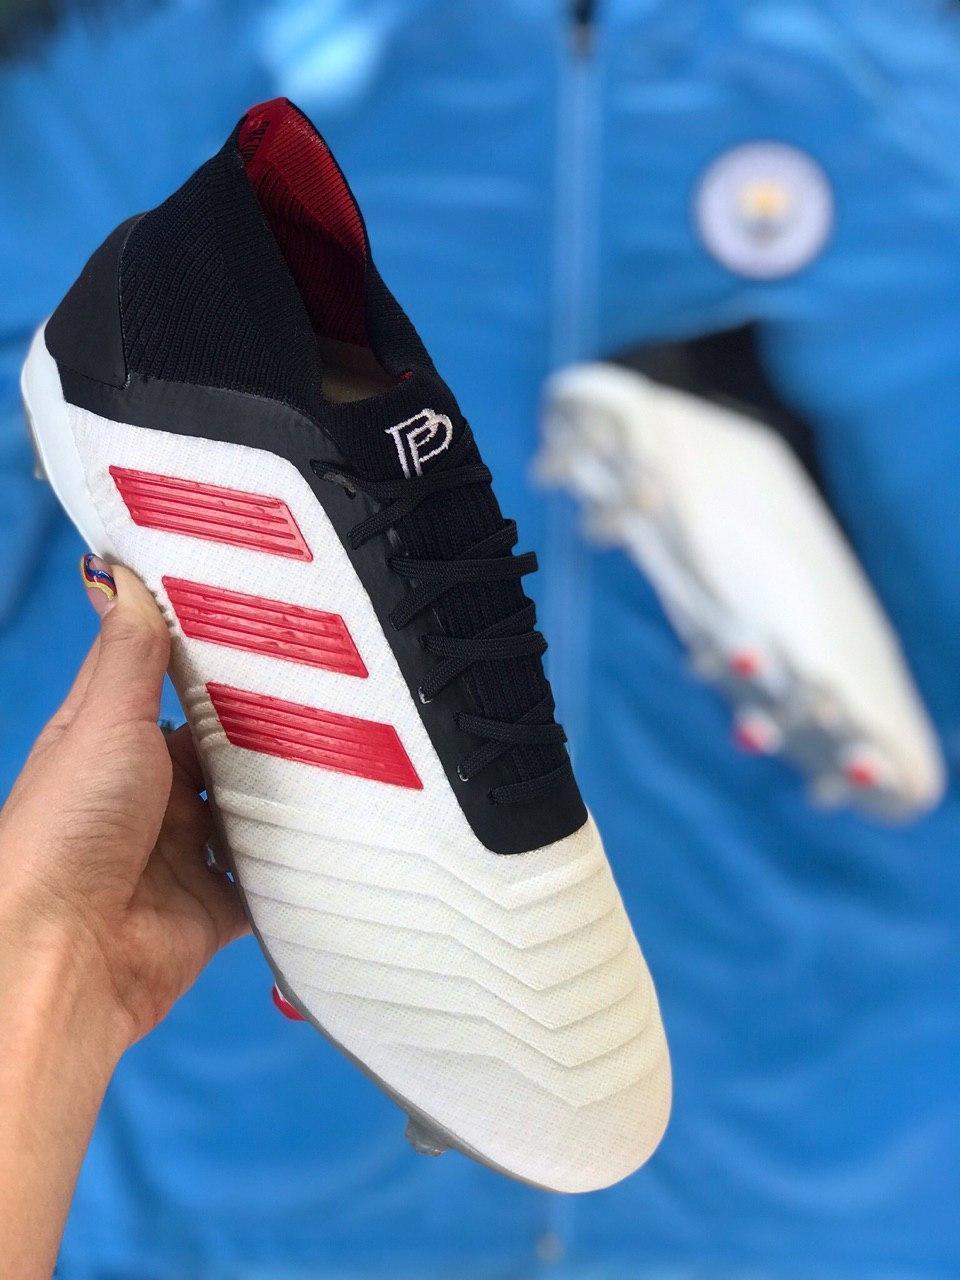 Бутсы Adidas Predator 19+FG Paul Pogba(адидас предатор Поль Погба)